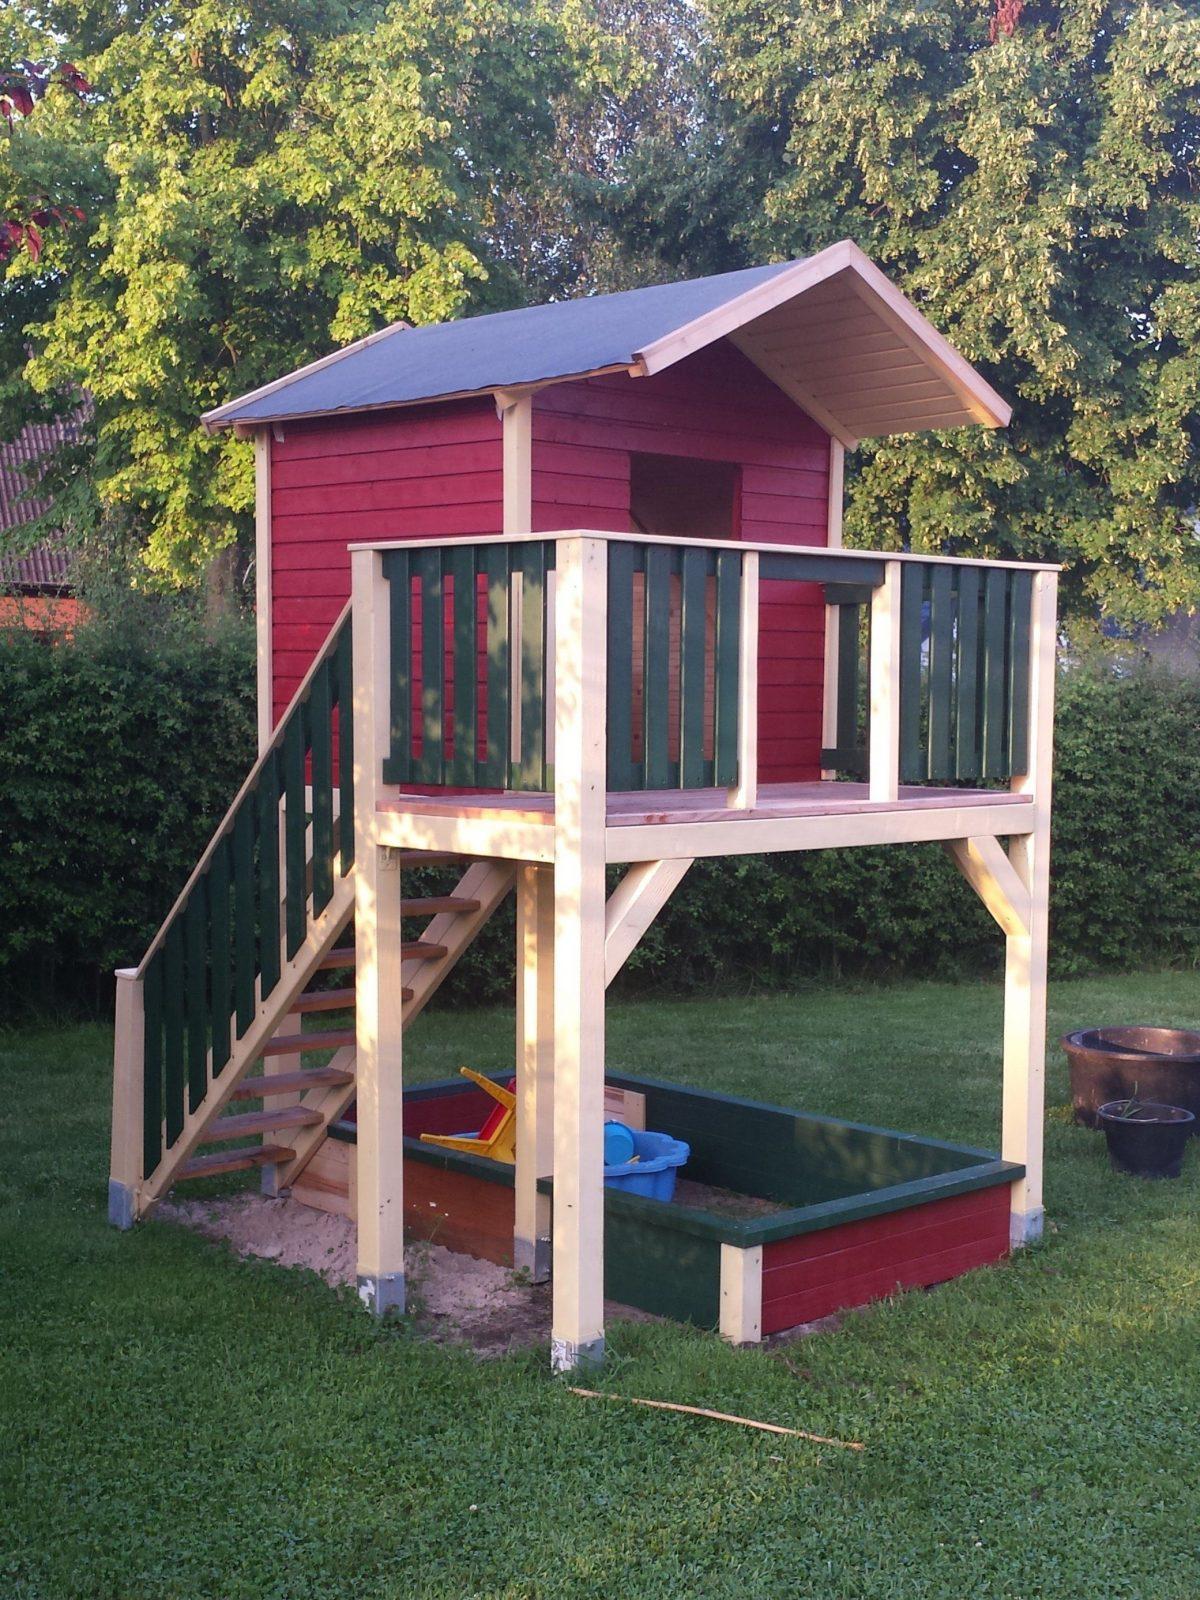 Spielturm Mit Treppe Bauanleitung Zum Selber Bauen  For My von Gartenhaus Kinder Selber Bauen Bild